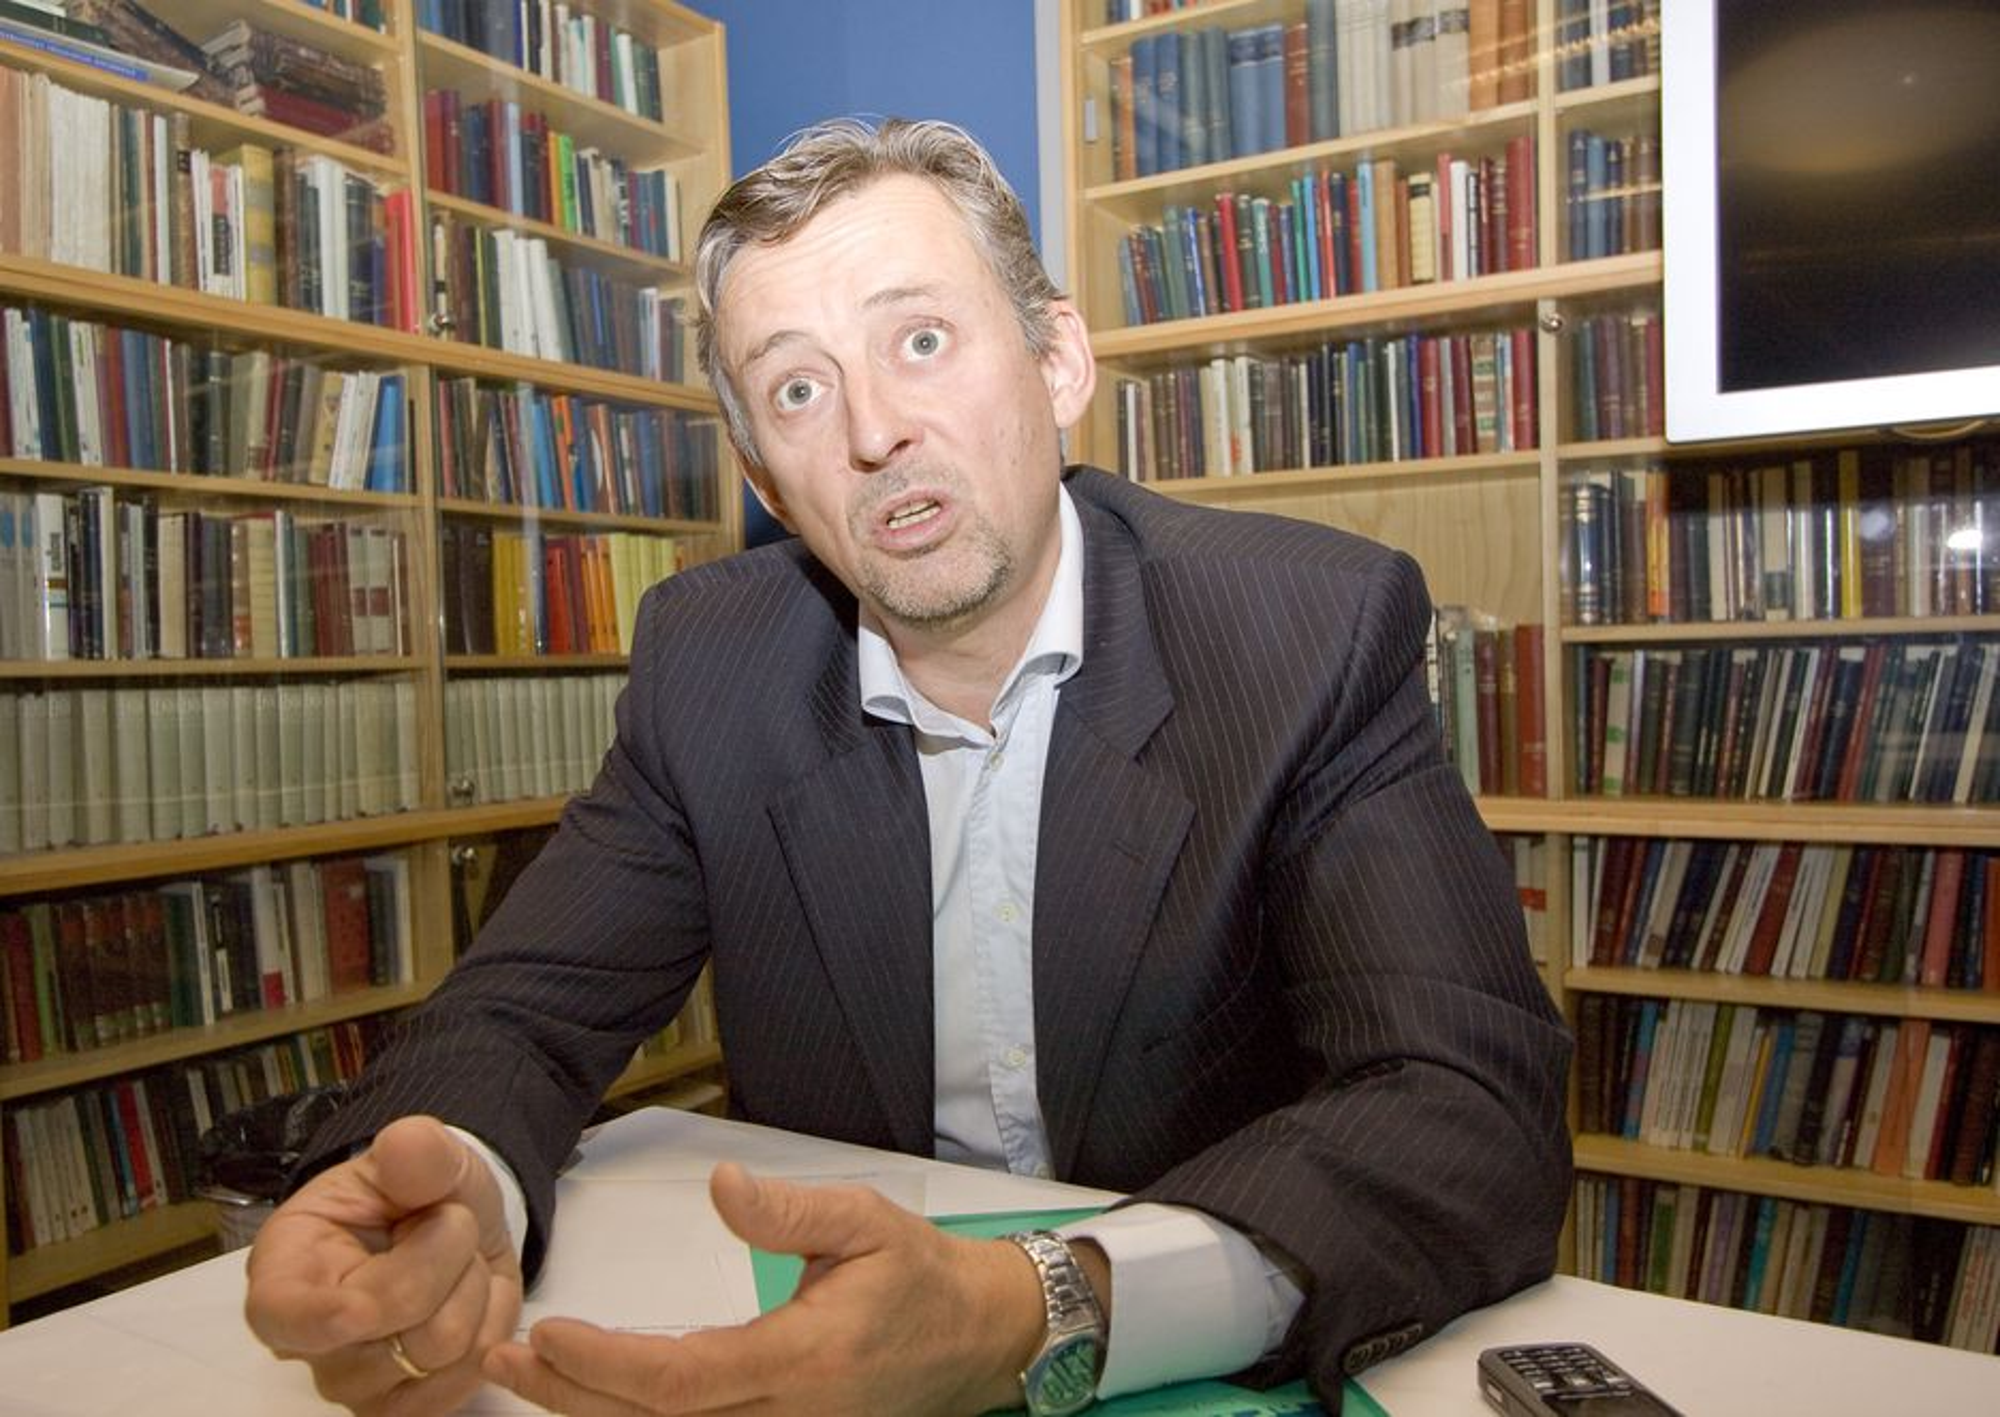 MILJØ OG PENGER: Adm. direktør i Ementor, Steinar Sønsterby tror bevisst grønn IT gir positive utslag på regnskapet.